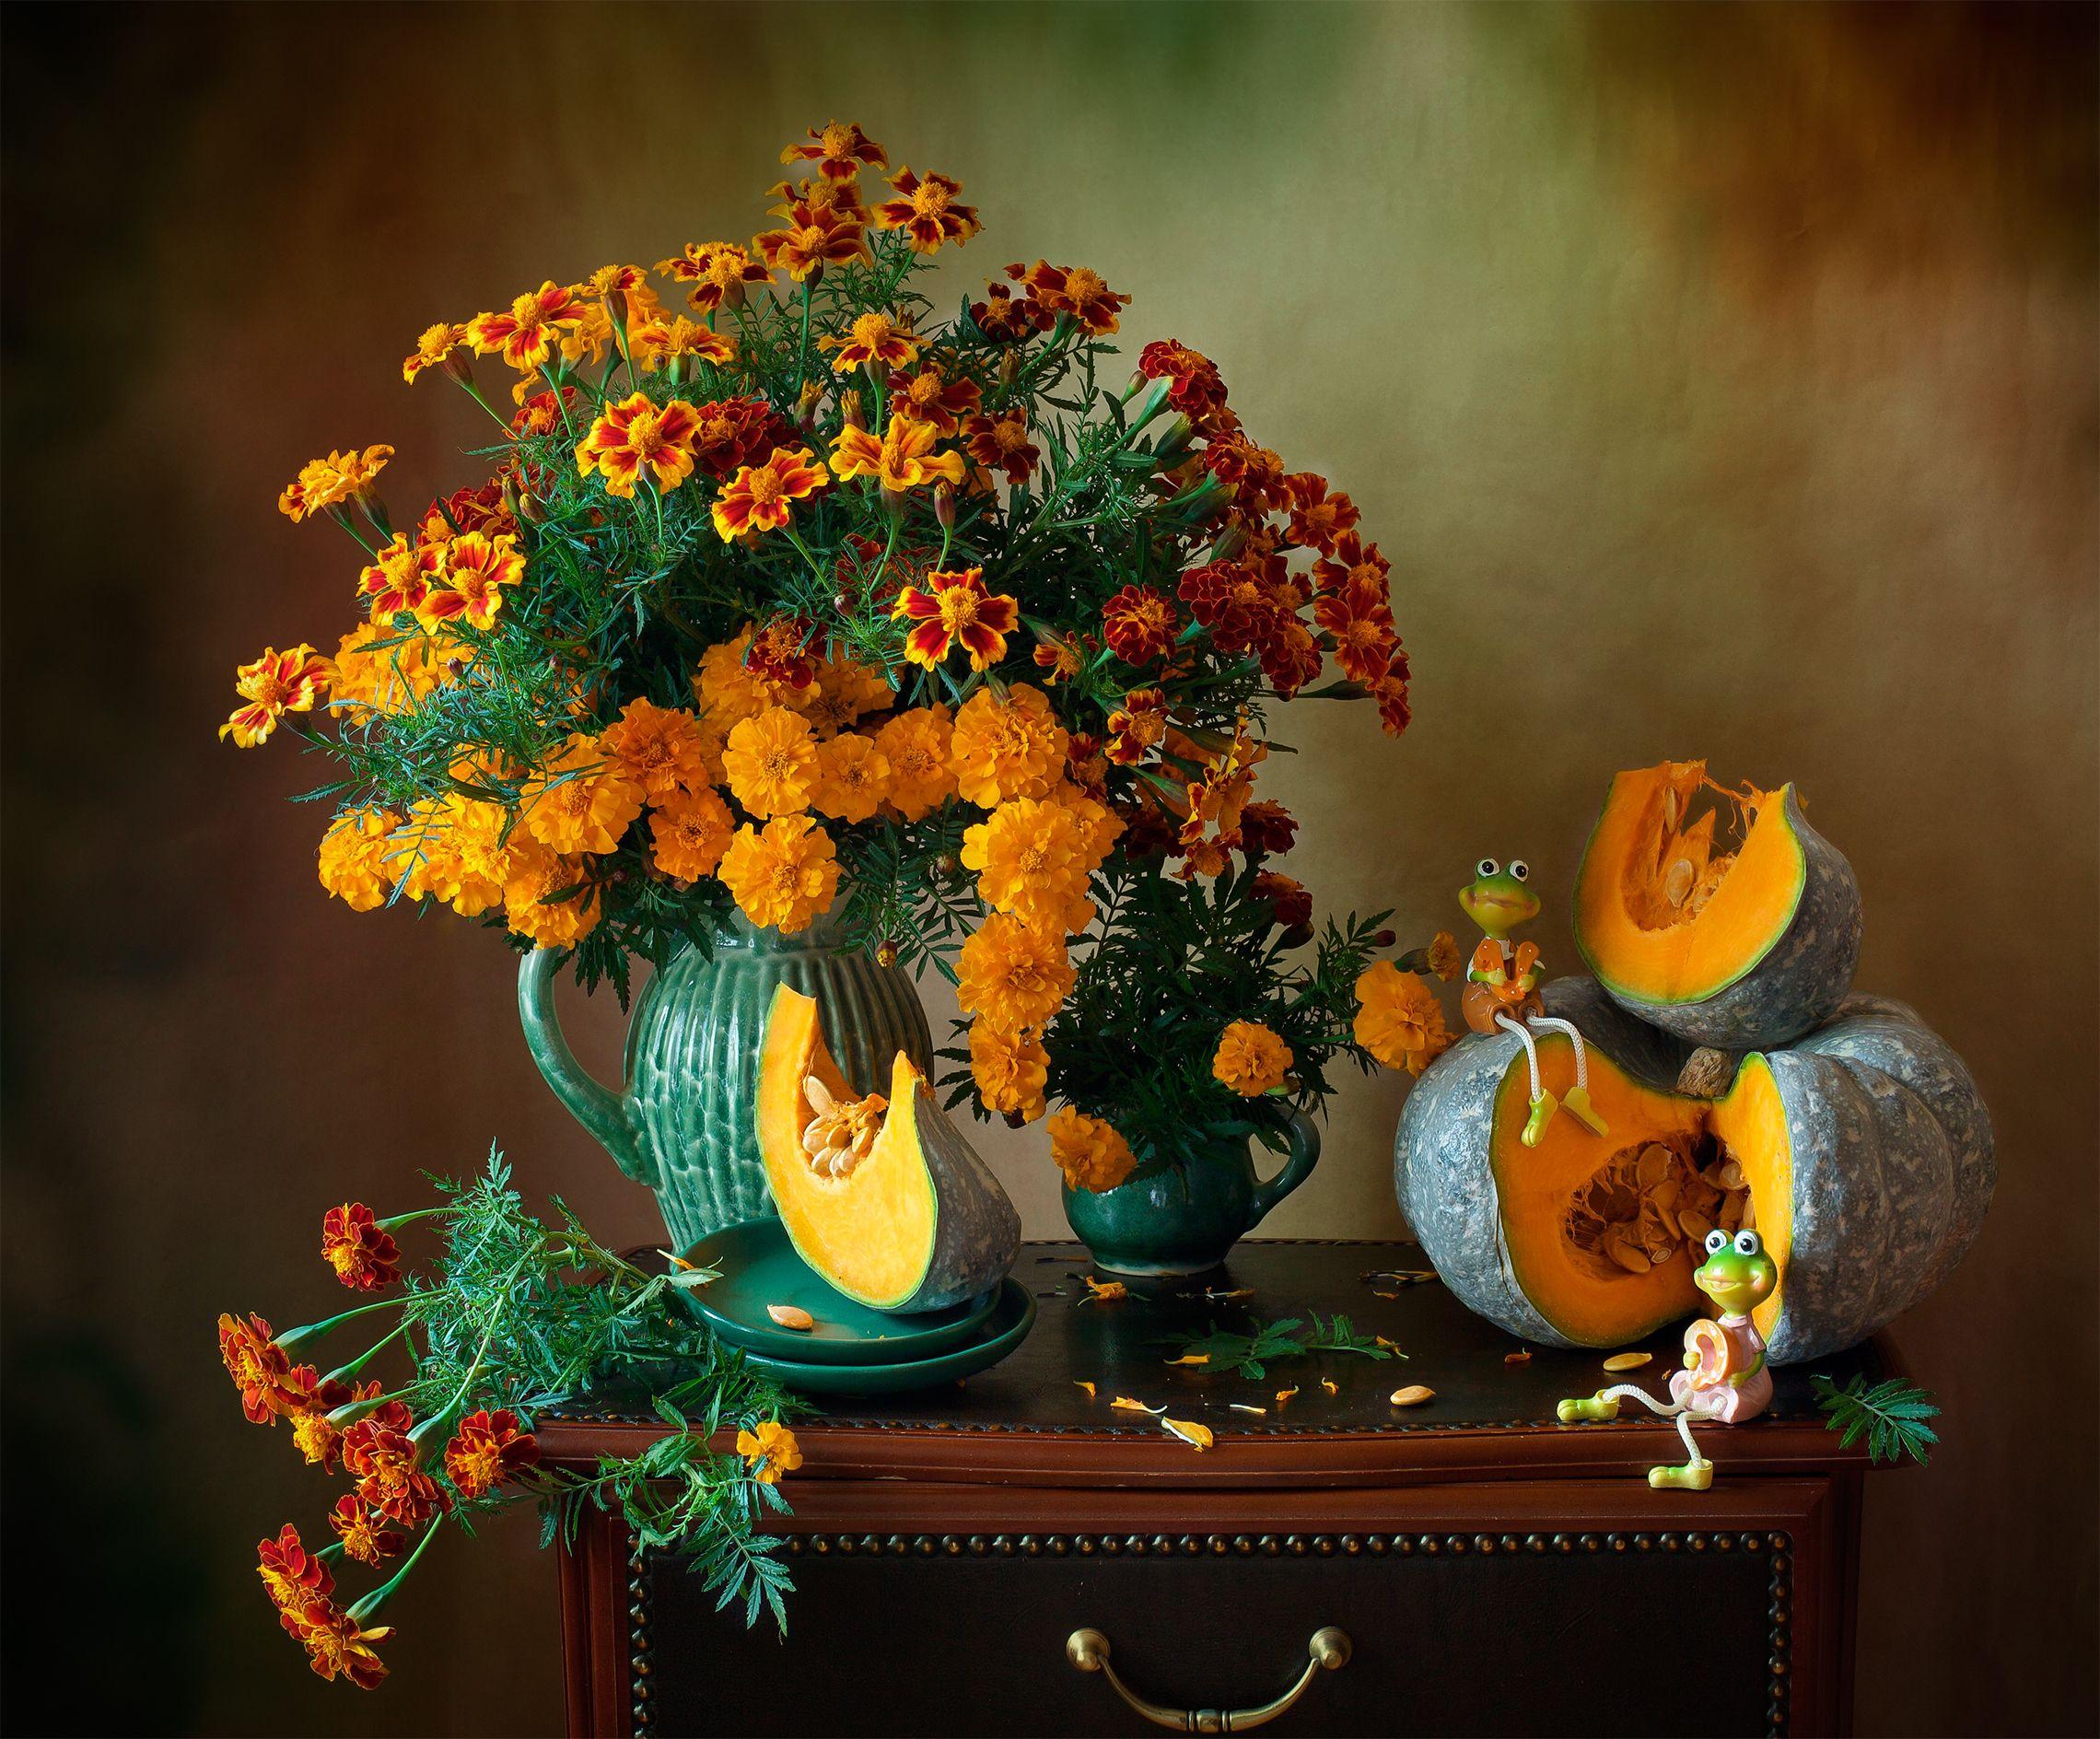 миламиронова, фотонатюрморт, осень, яркие краски, лягушка, бархатцы, цветы, букет, тыква, Миронова Мила